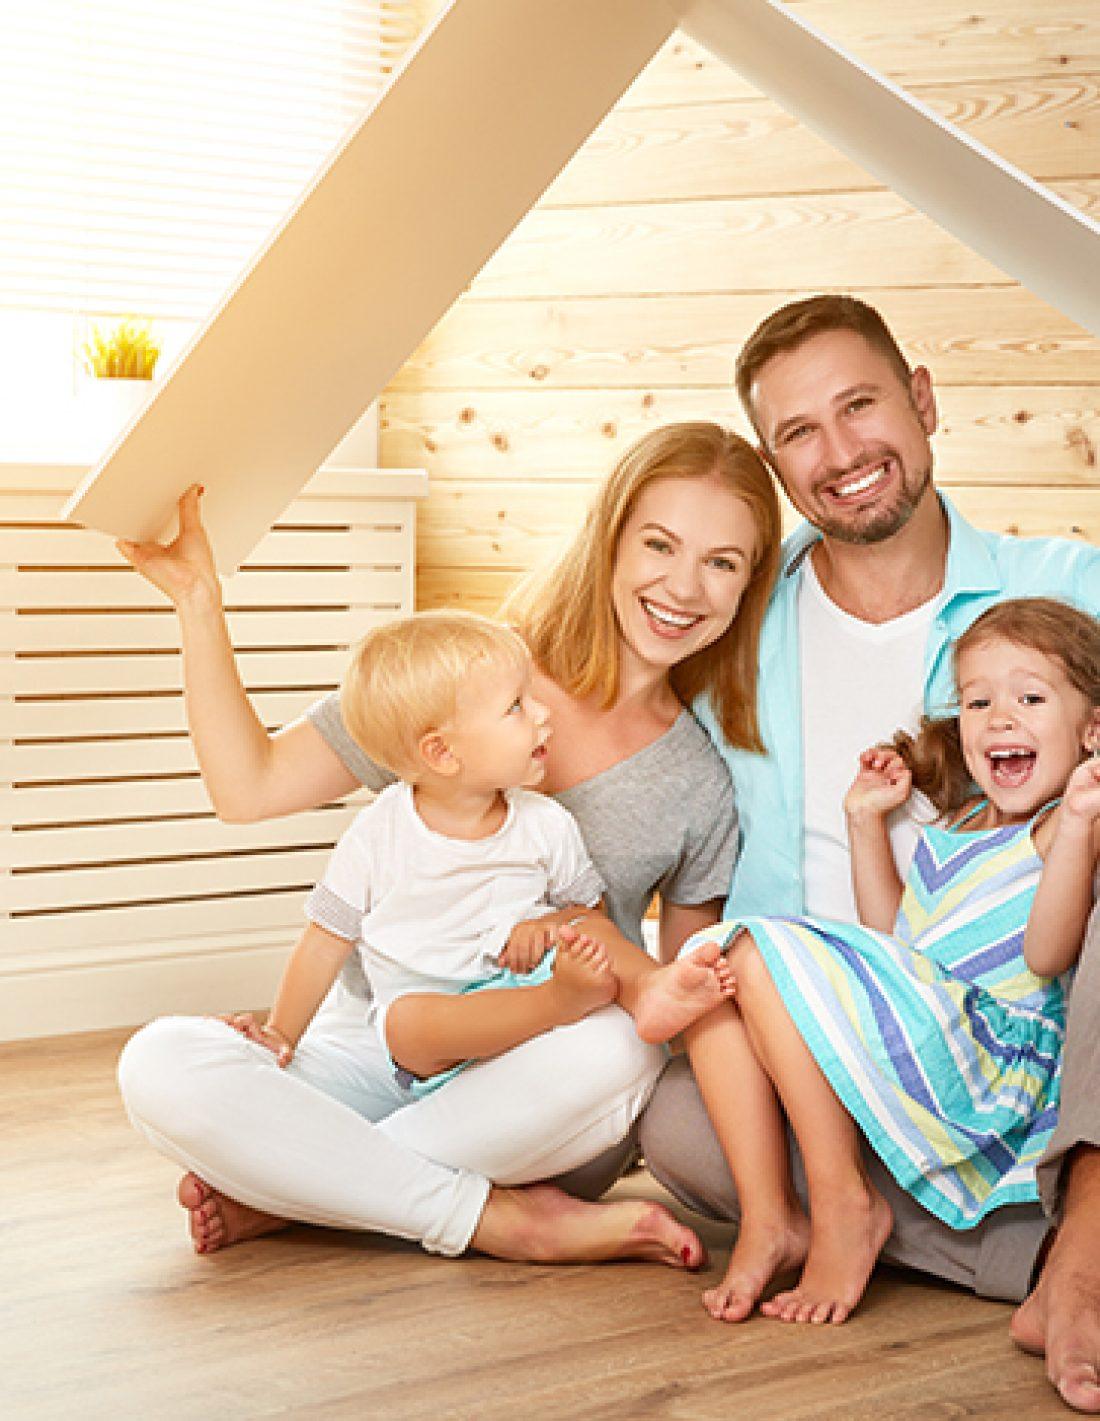 vacances-en-famille-5-activites-a-faire-pour-vous-eloigner-de-lennui